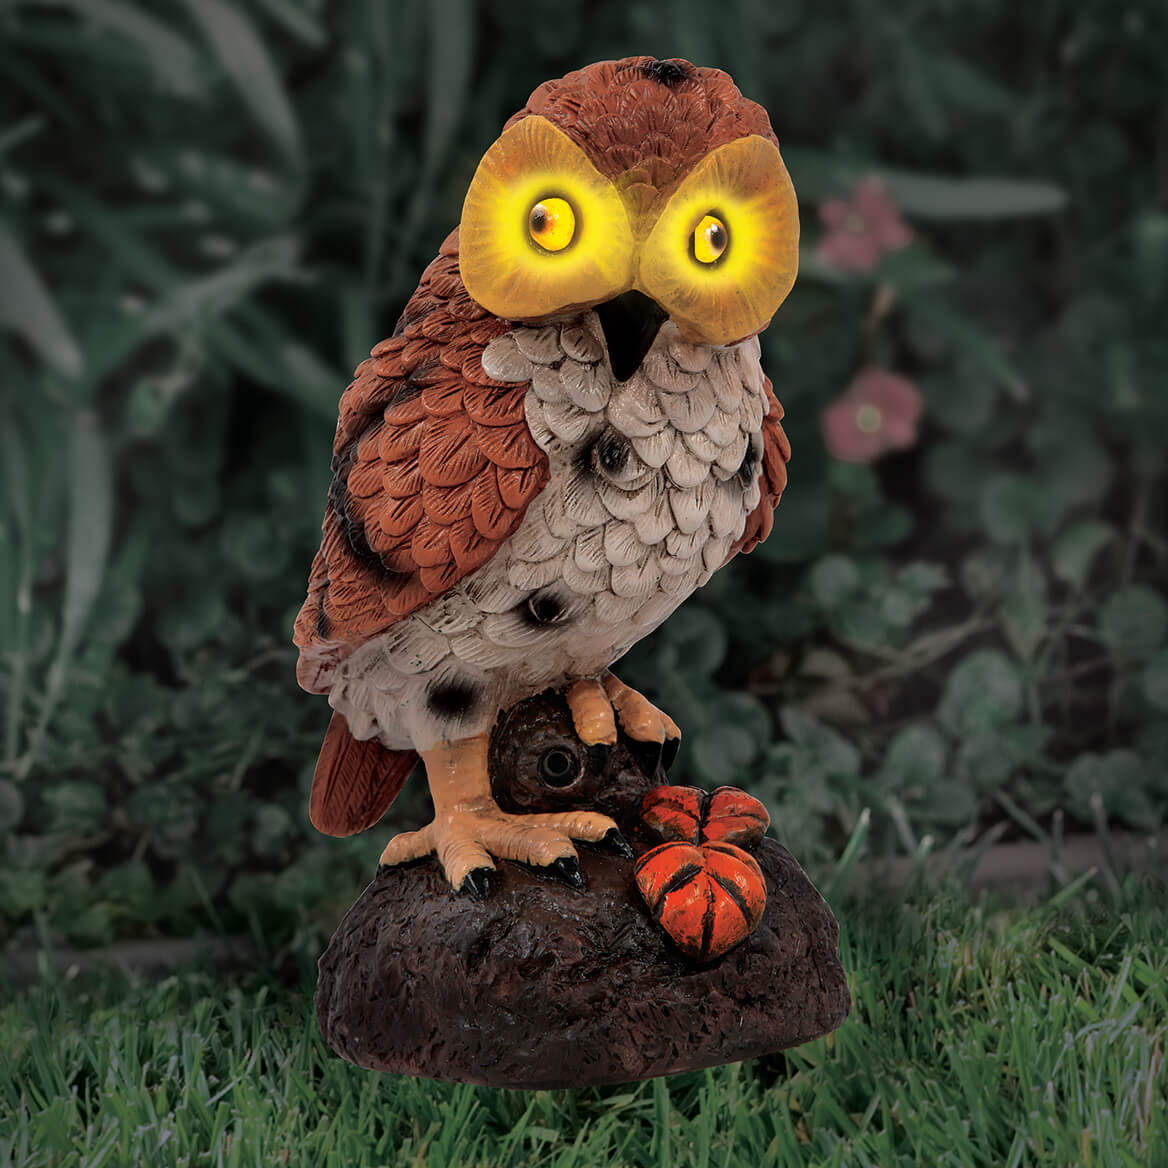 Hooting Garden Owl-369702